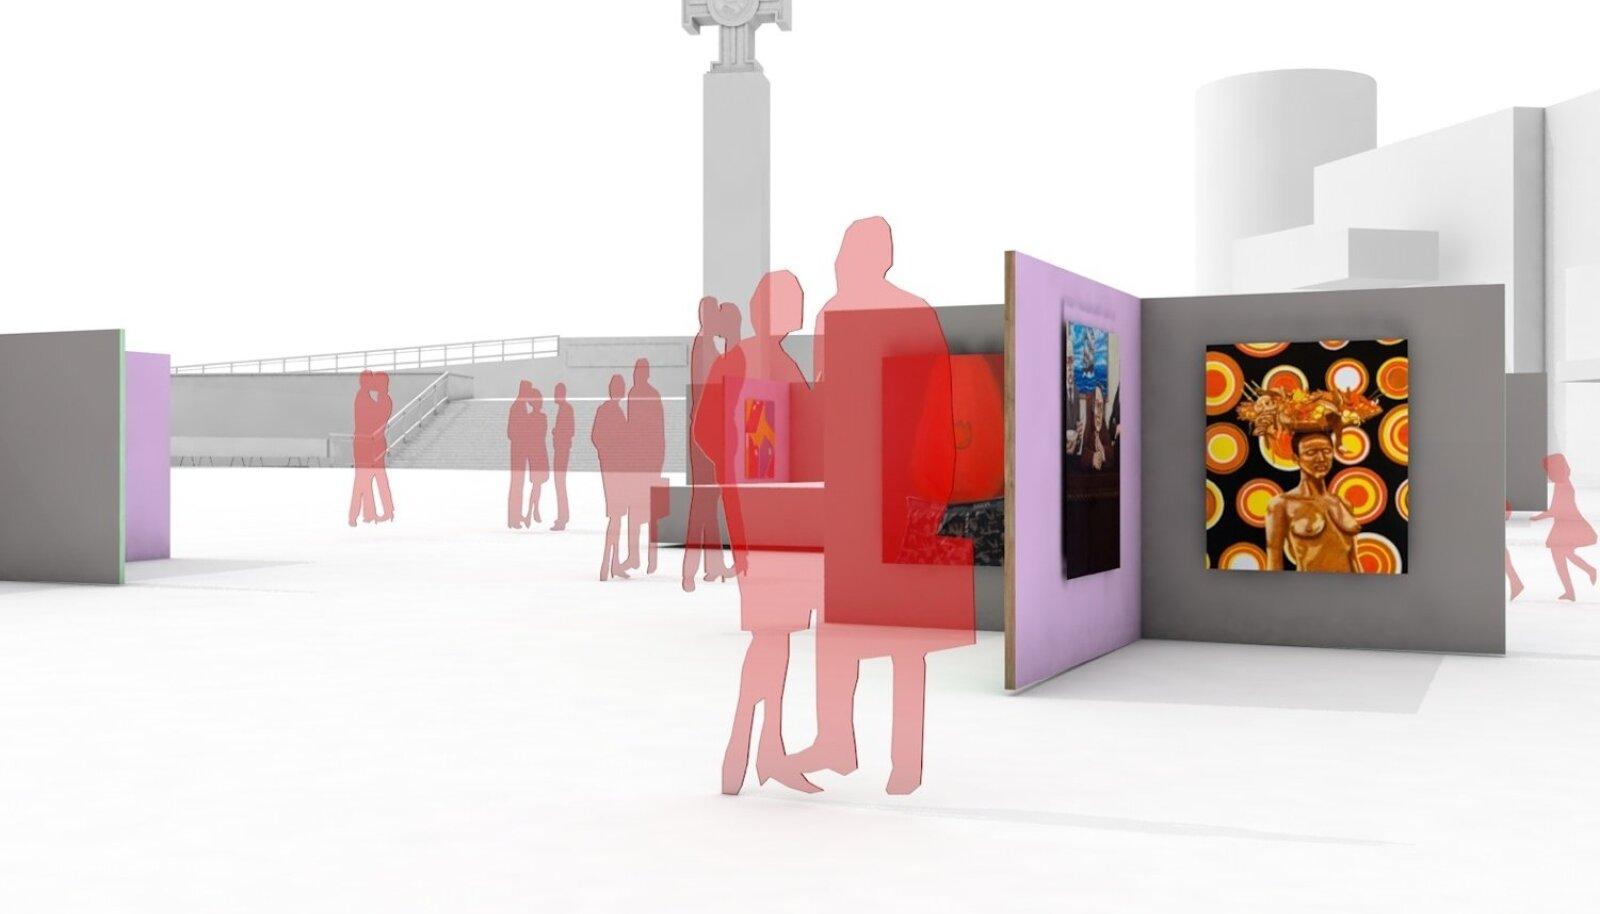 VABADUSE VÄLJAK TALLINN ART WEEKI AJAL: KUU Arhitektide ja Eesti Kunstiakadeemia koostöös sündiva arhitektuurilahenduse abil muutub Vabaduse väljak 11. juunil kunstiväljakuks.